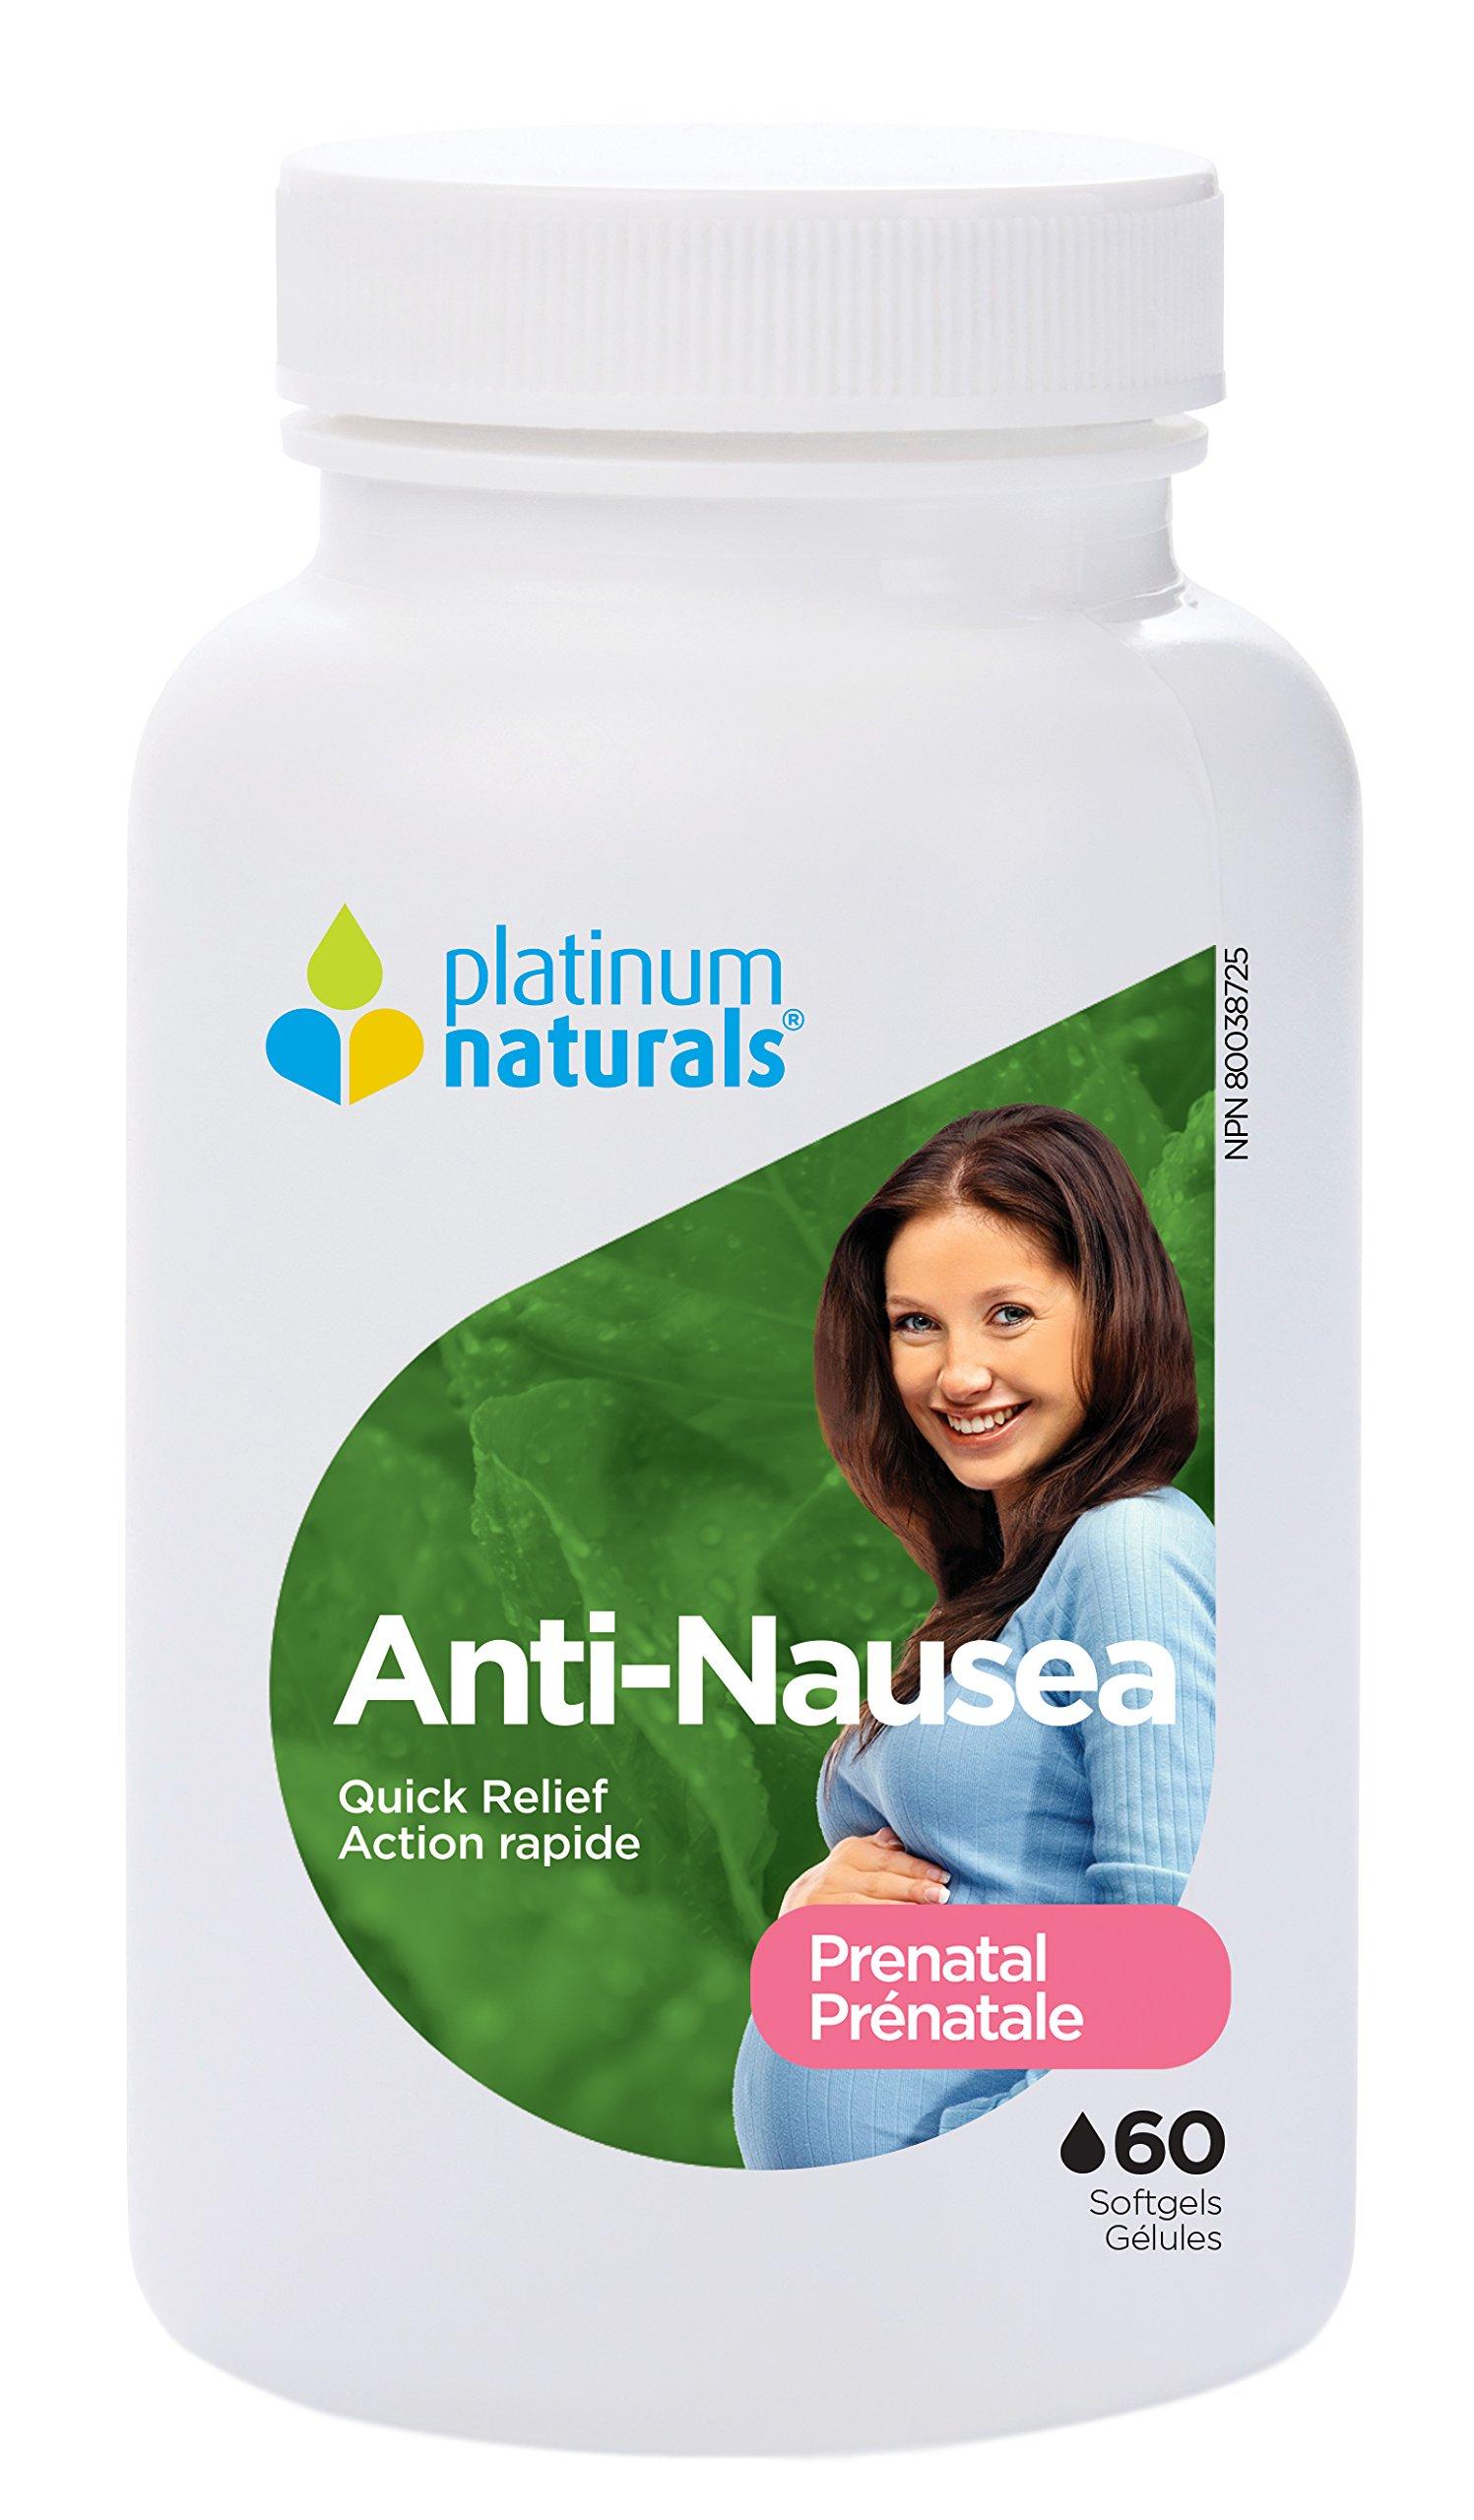 Platinum Naturals Prenatal Anti-Nausea, 60 Softgels